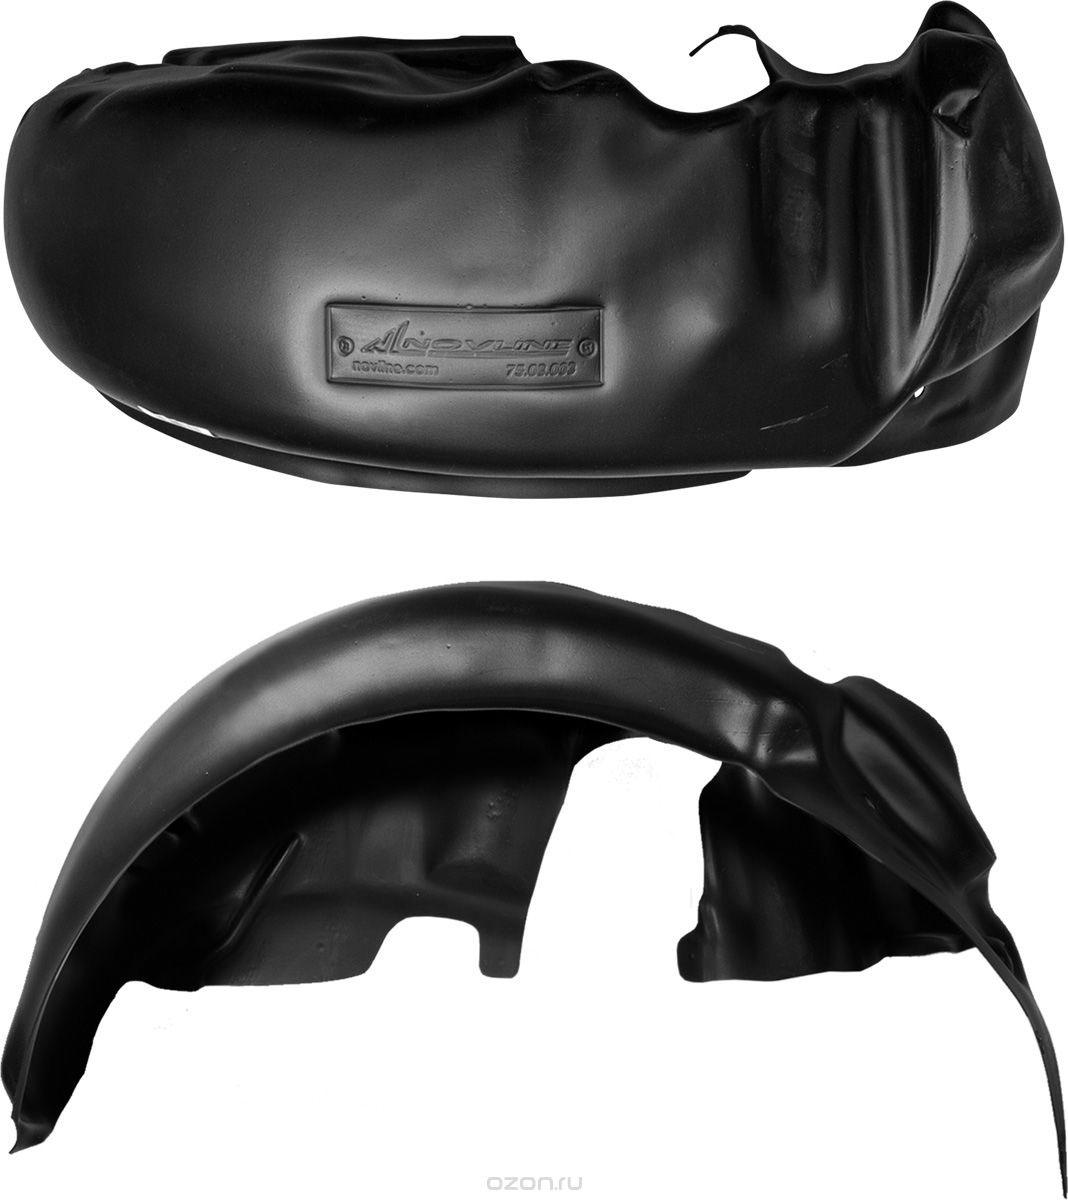 Подкрылок Novline-Autofamily, для Toyota Yaris, 01/2006-2013, задний левыйNLL.48.10.003Идеальная защита колесной ниши. Локеры разработаны с применением цифровых технологий, гарантируют максимальную повторяемость поверхности арки. Изделия устанавливаются без нарушения лакокрасочного покрытия автомобиля, каждый подкрылок комплектуется крепежом. Уважаемые клиенты, обращаем ваше внимание, что фотографии на подкрылки универсальные и не отражают реальную форму изделия. При этом само изделие идет точно под размер указанного автомобиля.